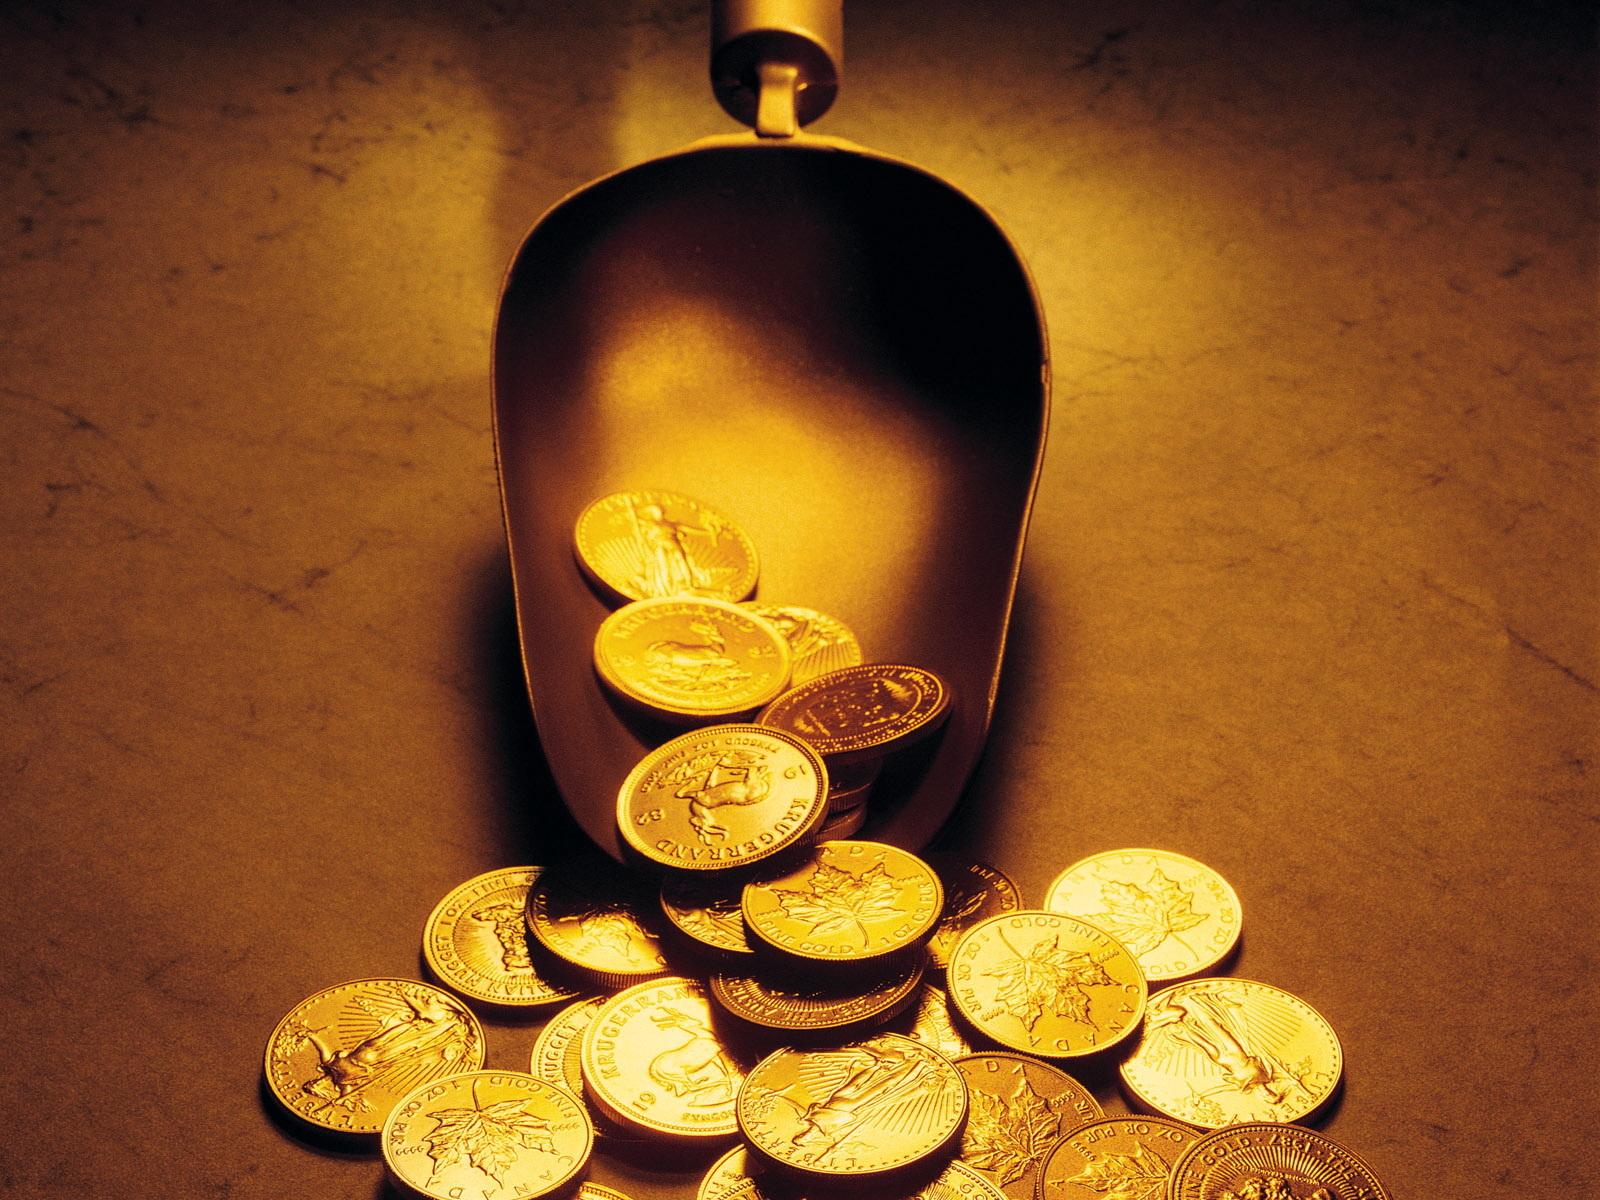 9月份运势冲天,出门撞横财,手捧红钞票的三个生肖